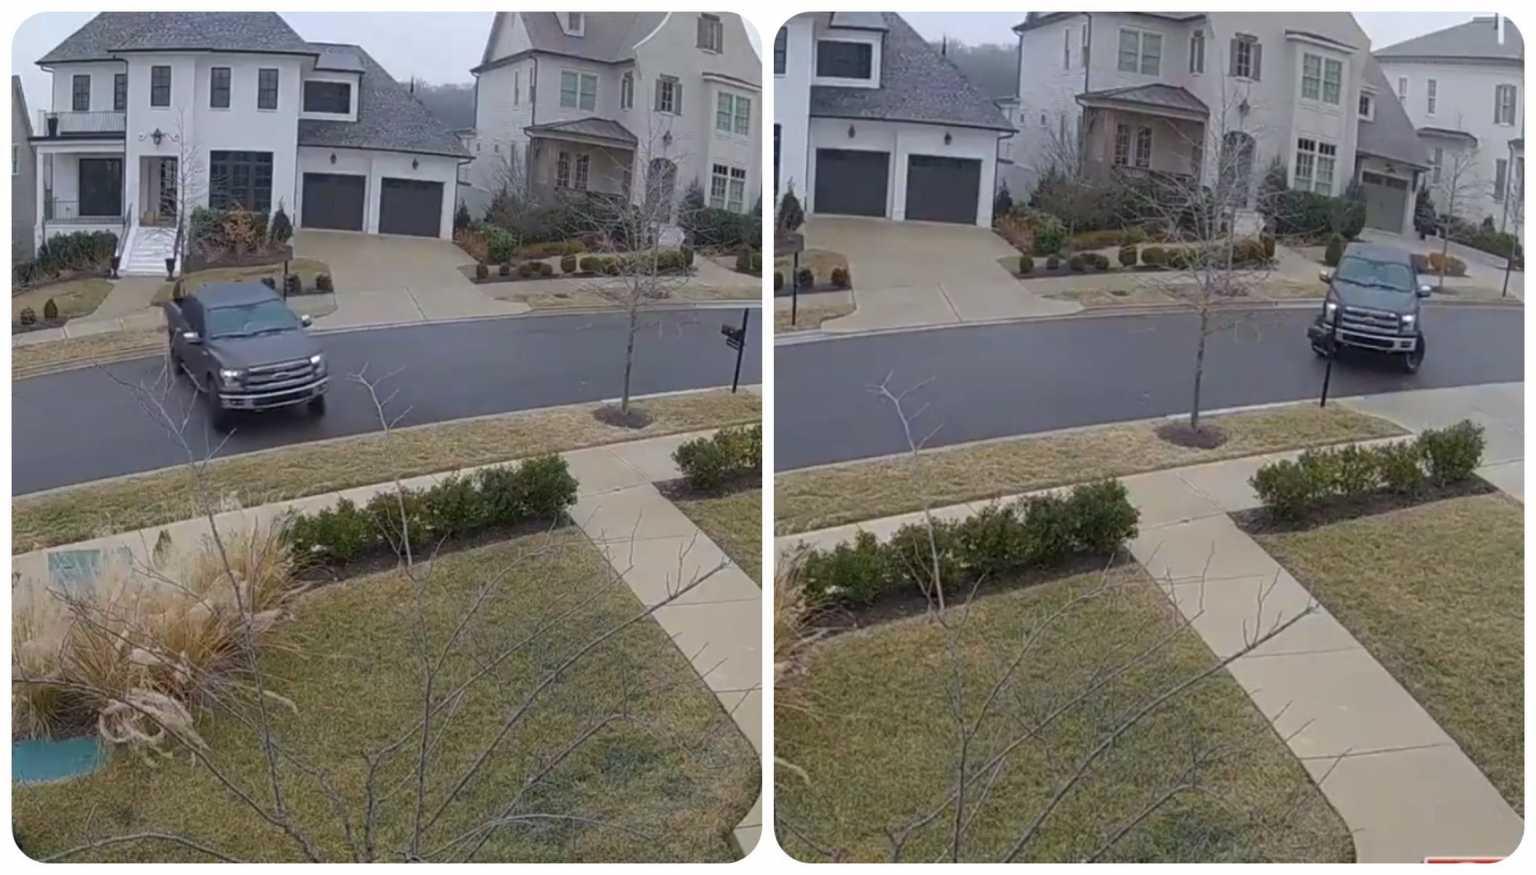 Θηριώδες αυτοκίνητο γλιστράει στον παγωμένο δρόμο – Απίστευτο βίντεο στις ΗΠΑ